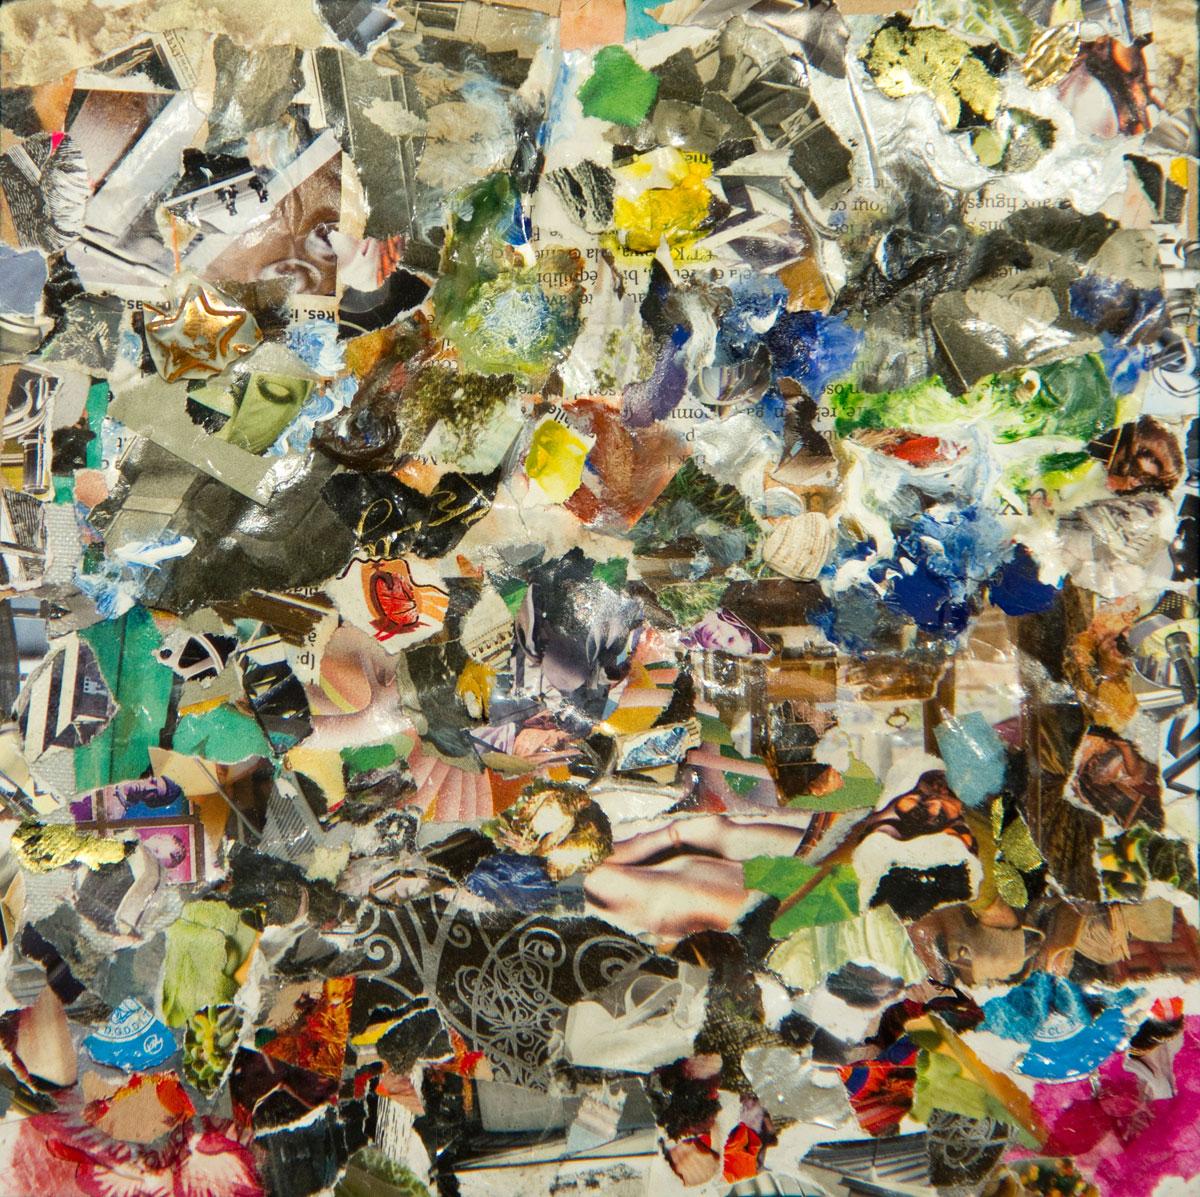 Philippe Briard - l'Odeur des étoiles, 2012, collage acrylique, 18 x 12 cm